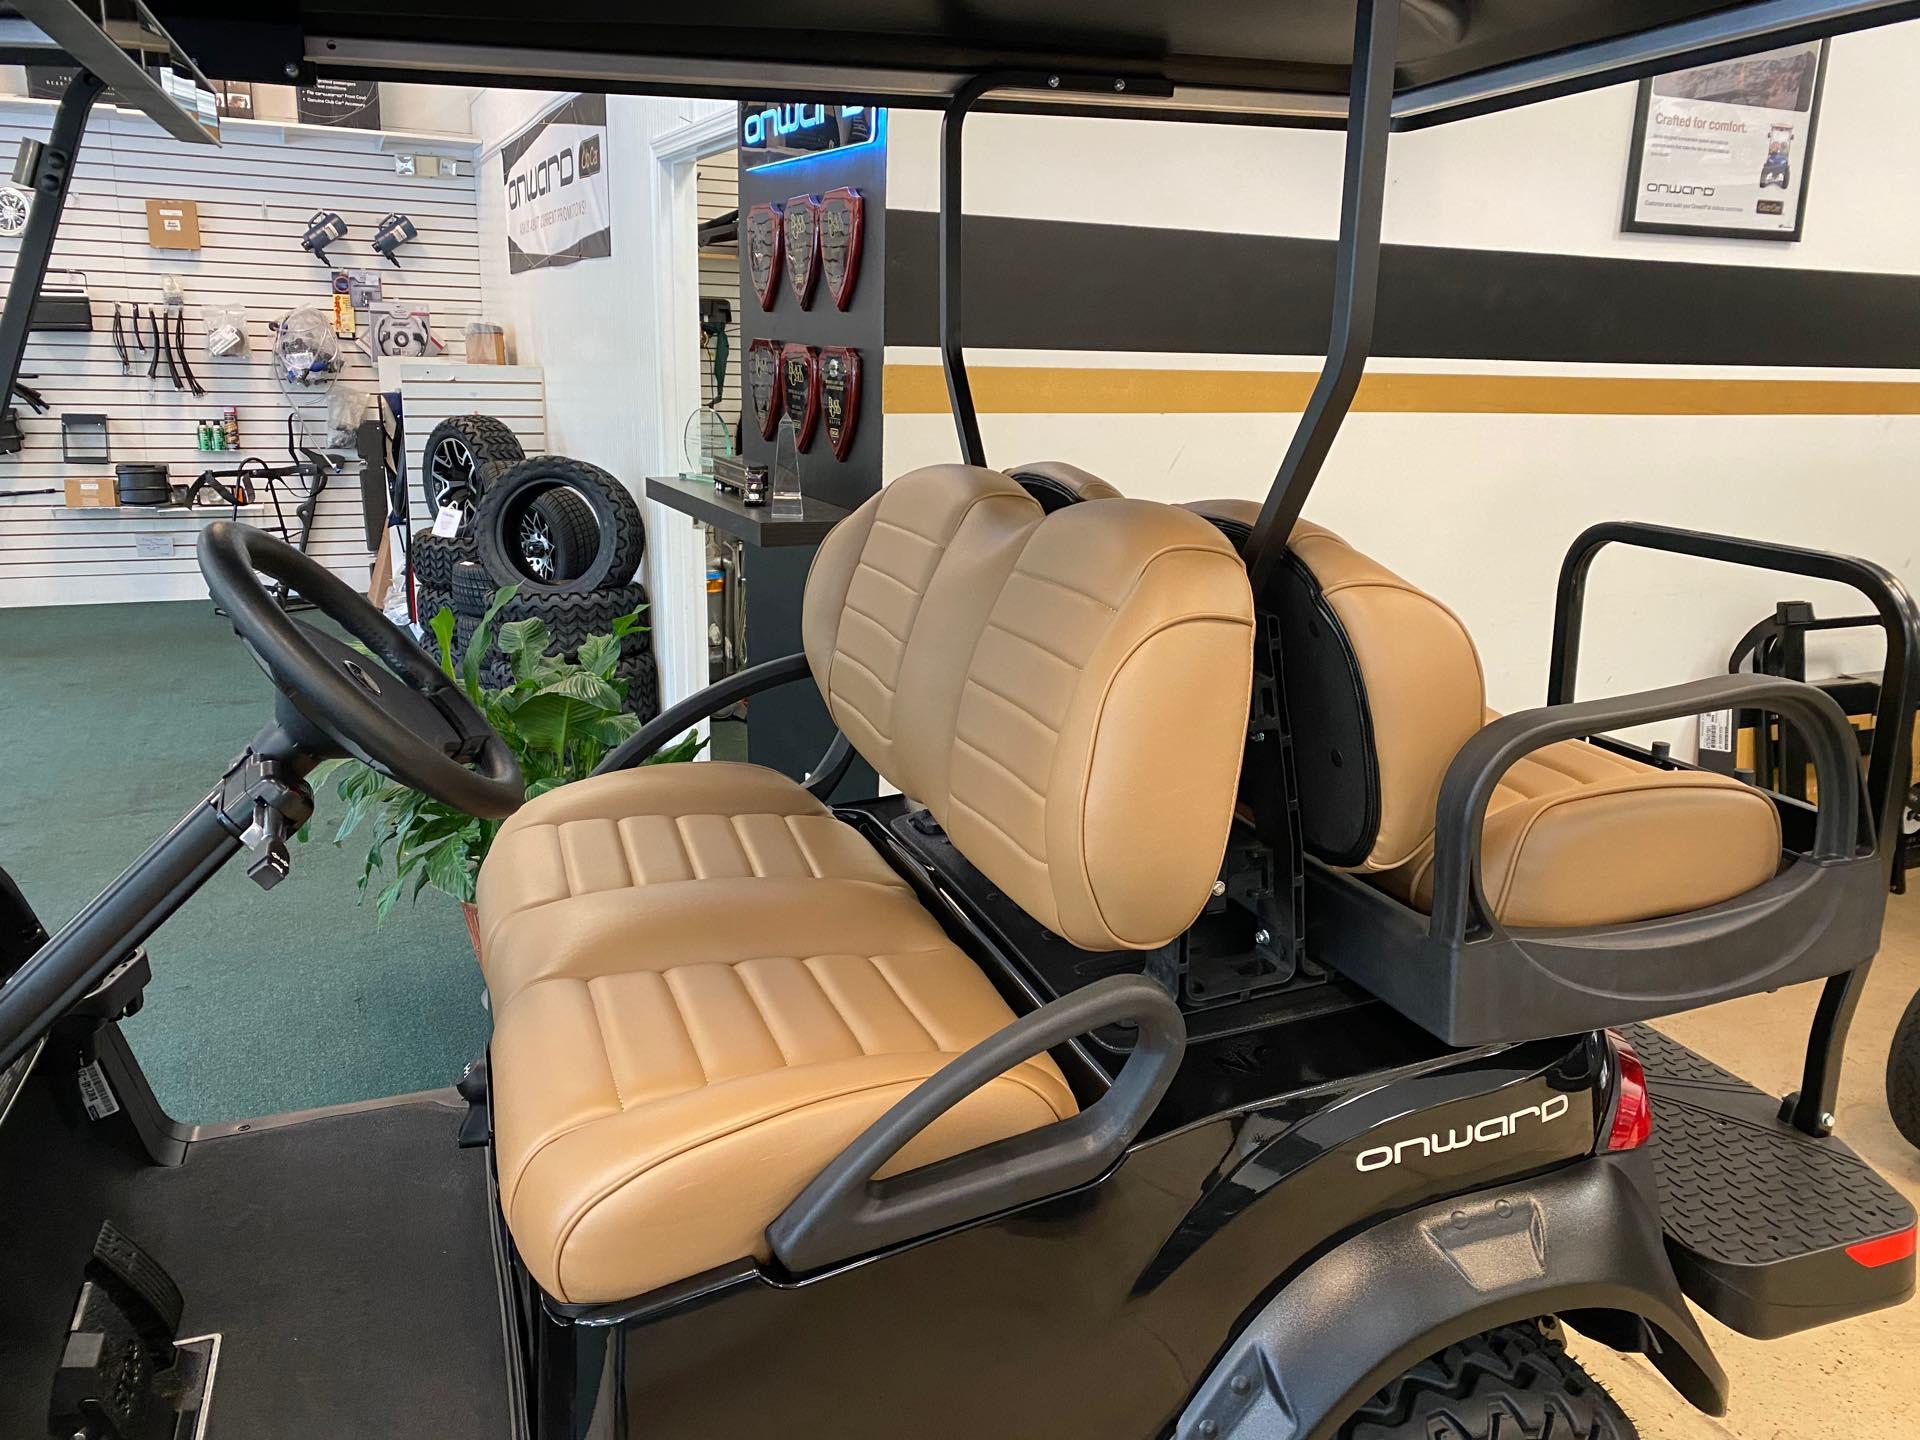 2021 Club Car Onward 4 Passenger - Lifted - Gas at Bulldog Golf Cars